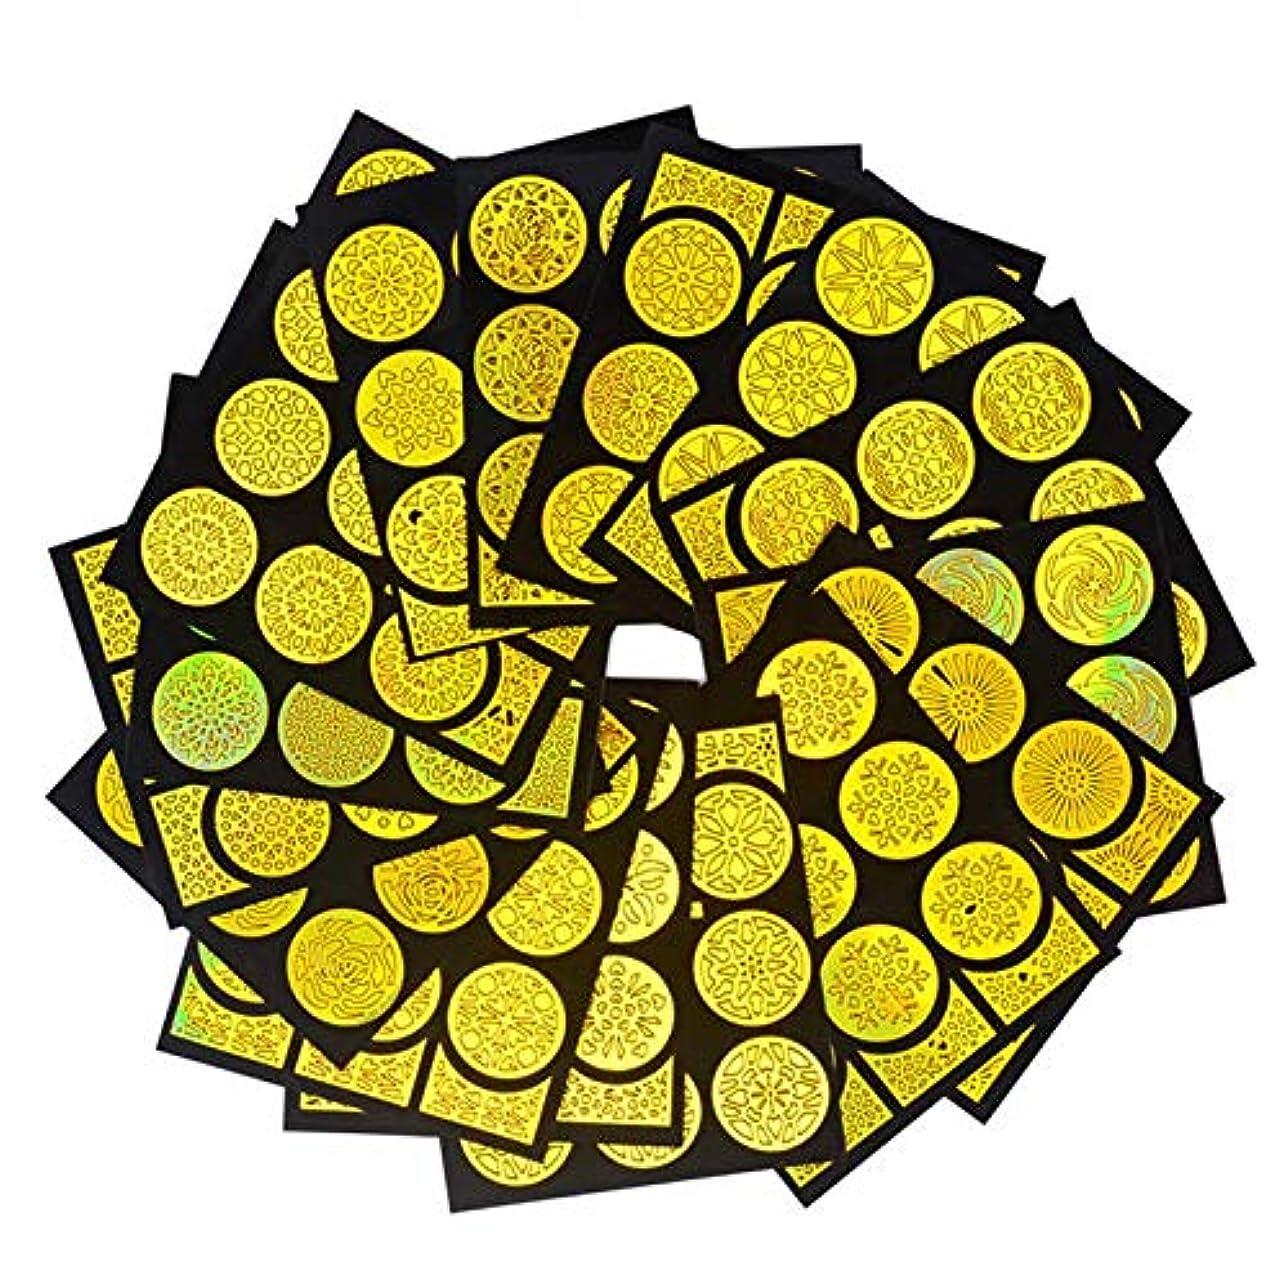 肌寒い抱擁ものSUKTI&XIAO ネイルステッカー 20枚不規則なグリッドネイルアート中空レーザーゴールデンテンプレートステンシルステッカービニール画像ガイドマニキュア、20スタイル各1個